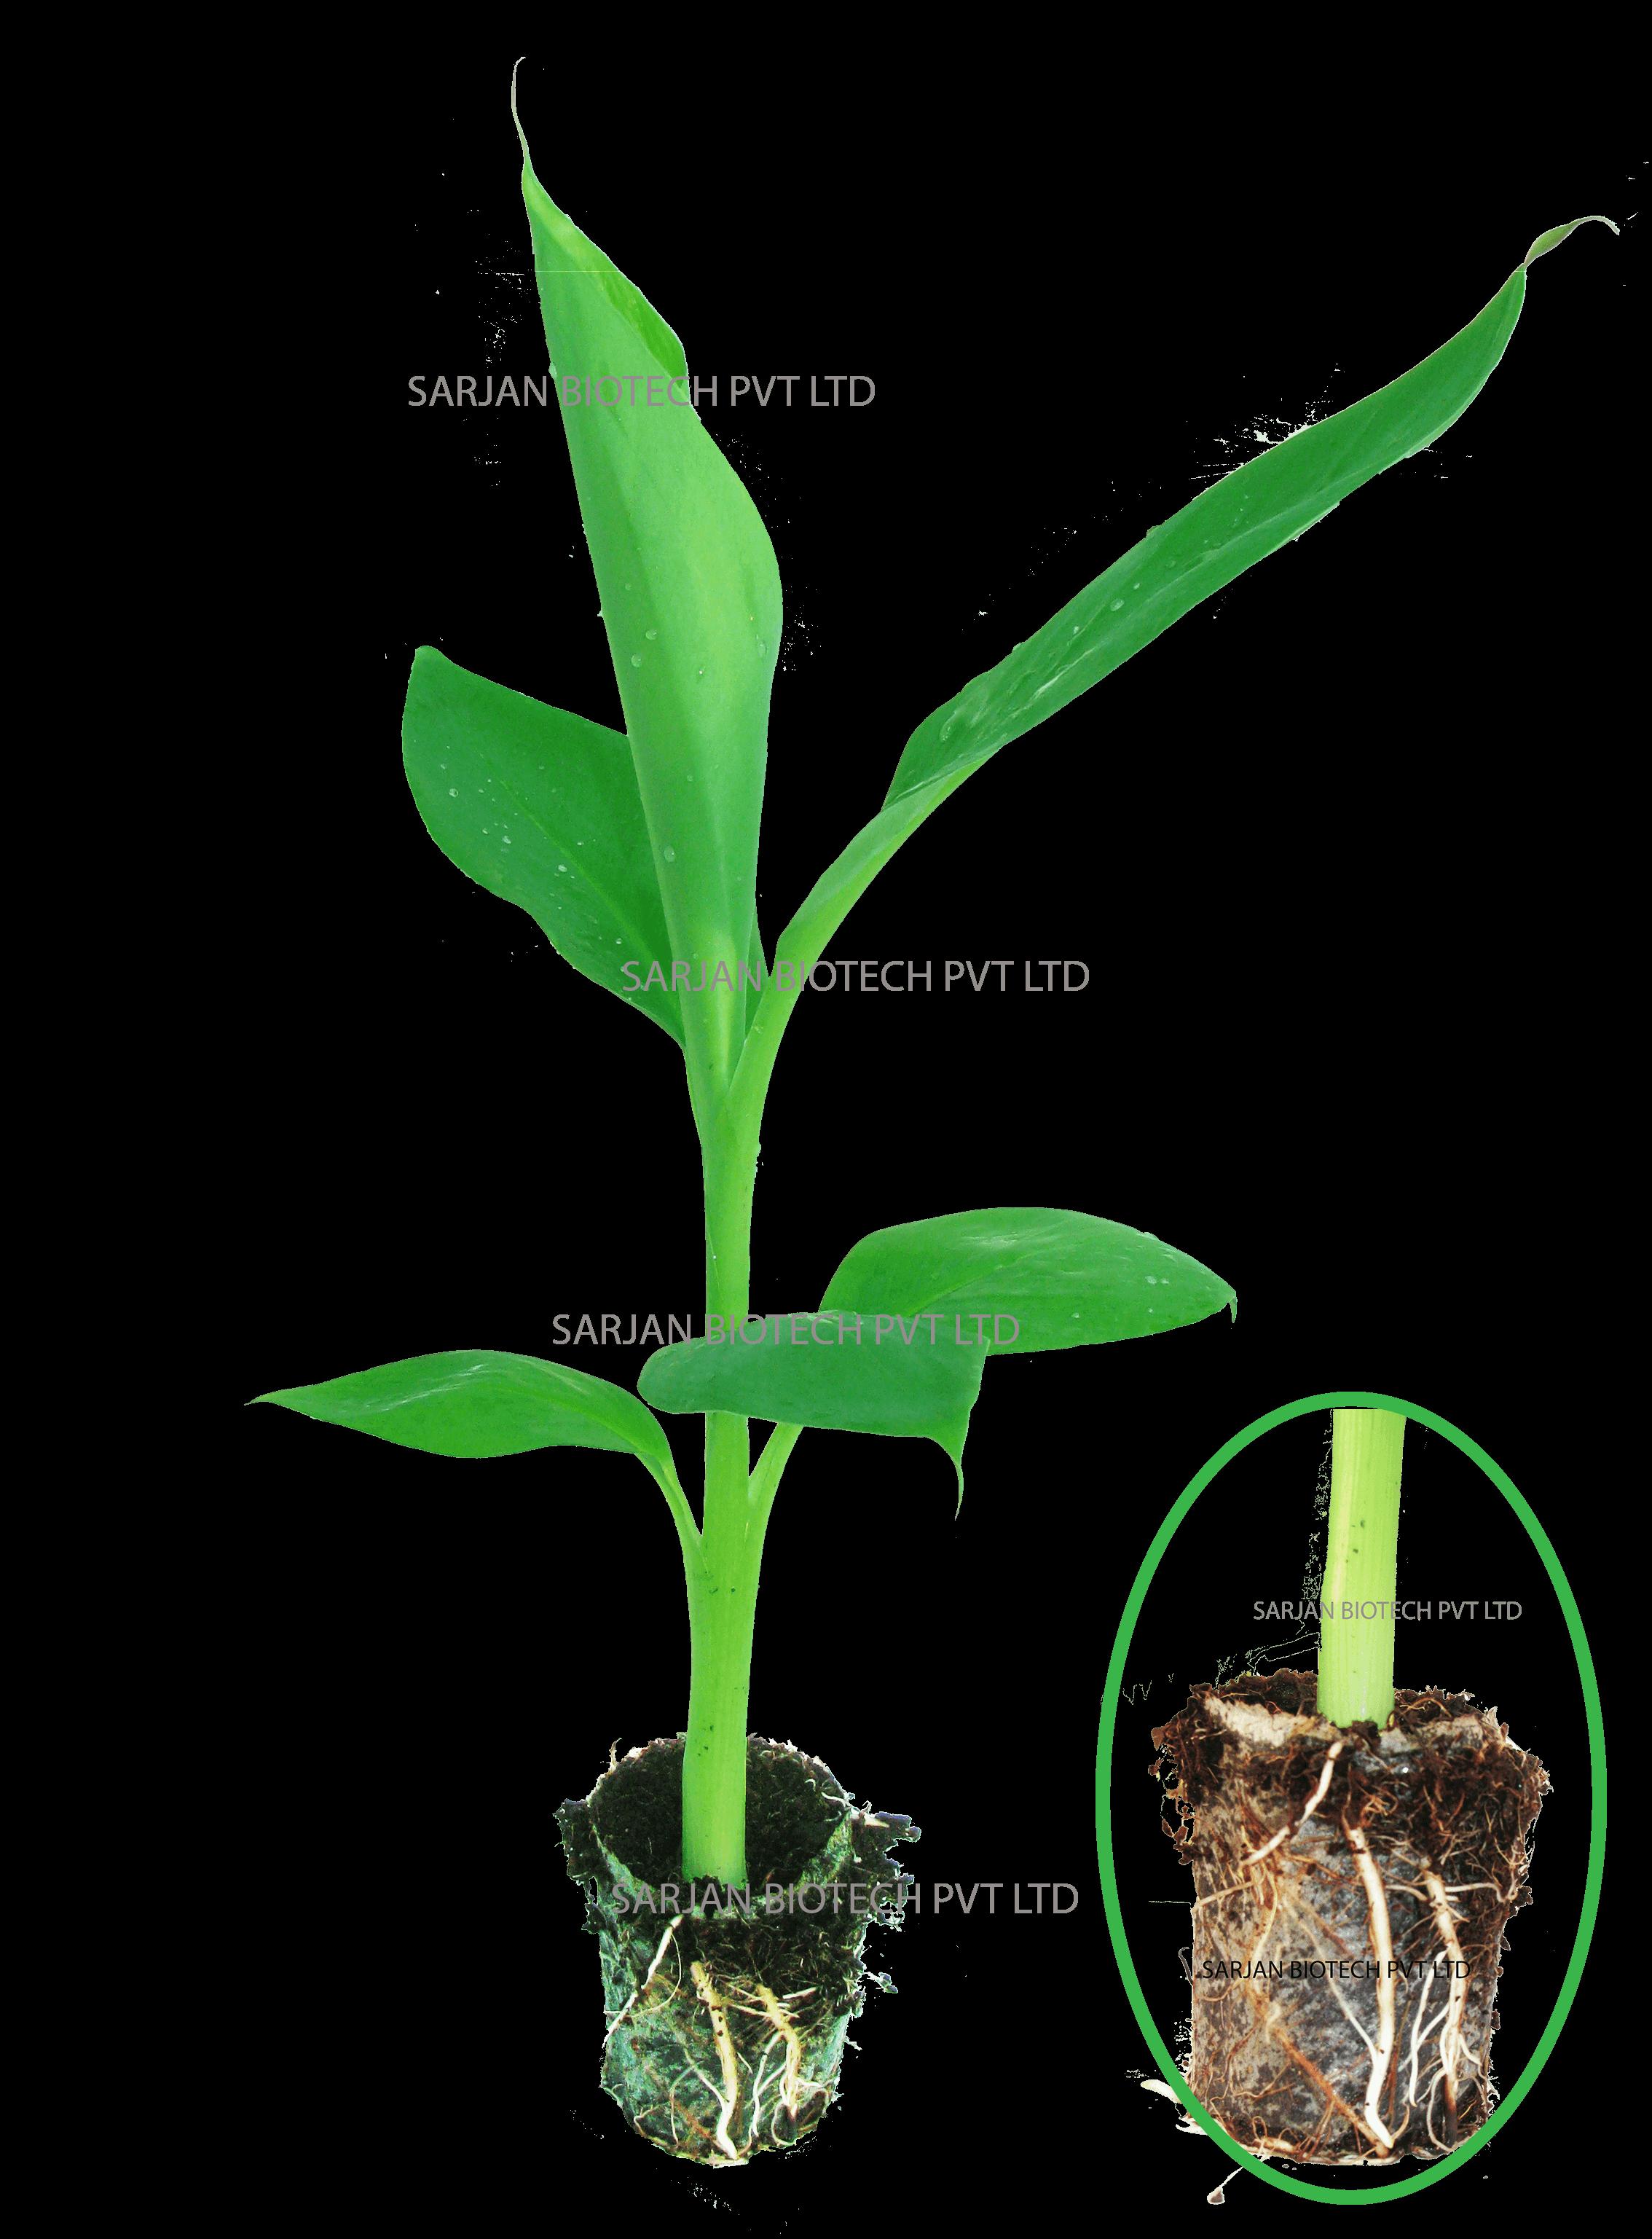 plant tissue culture company india